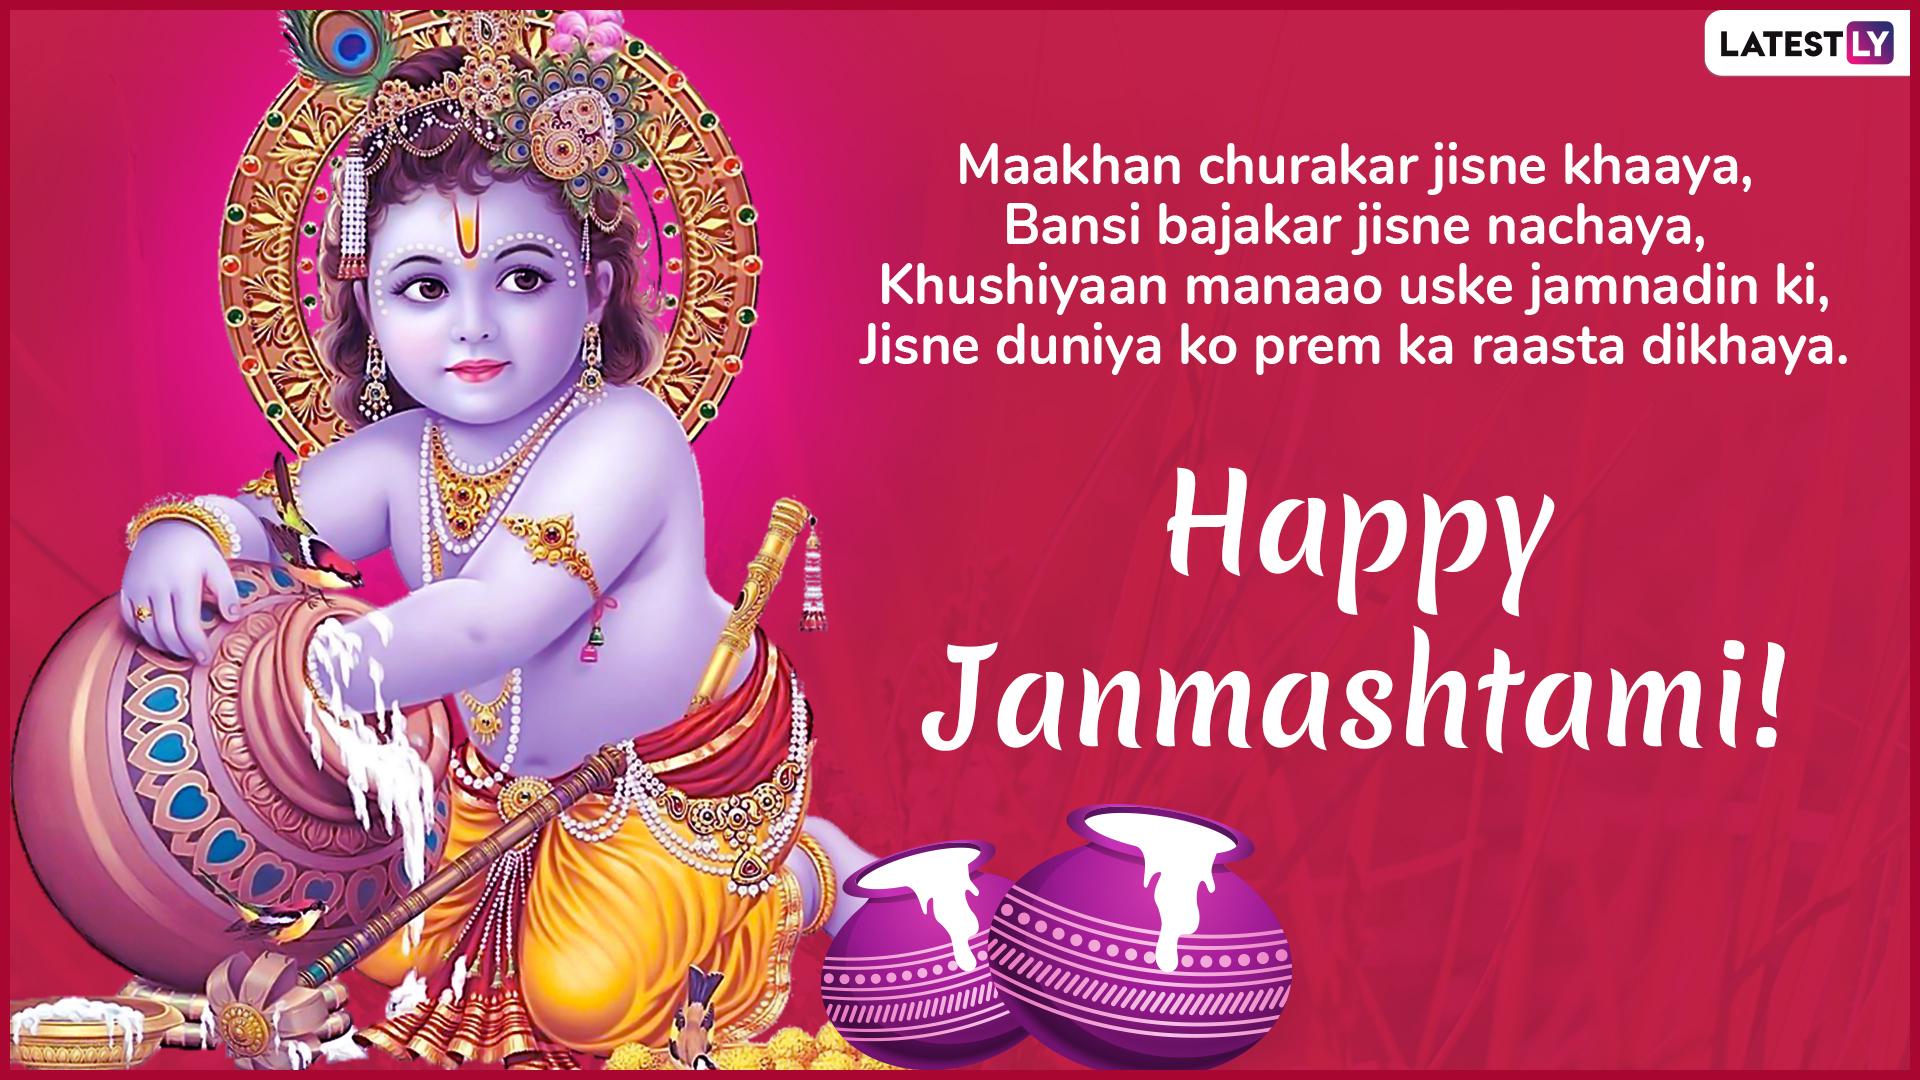 Janmashtami 2019 Wishes in Hindi: WhatsApp Stickers, GIF